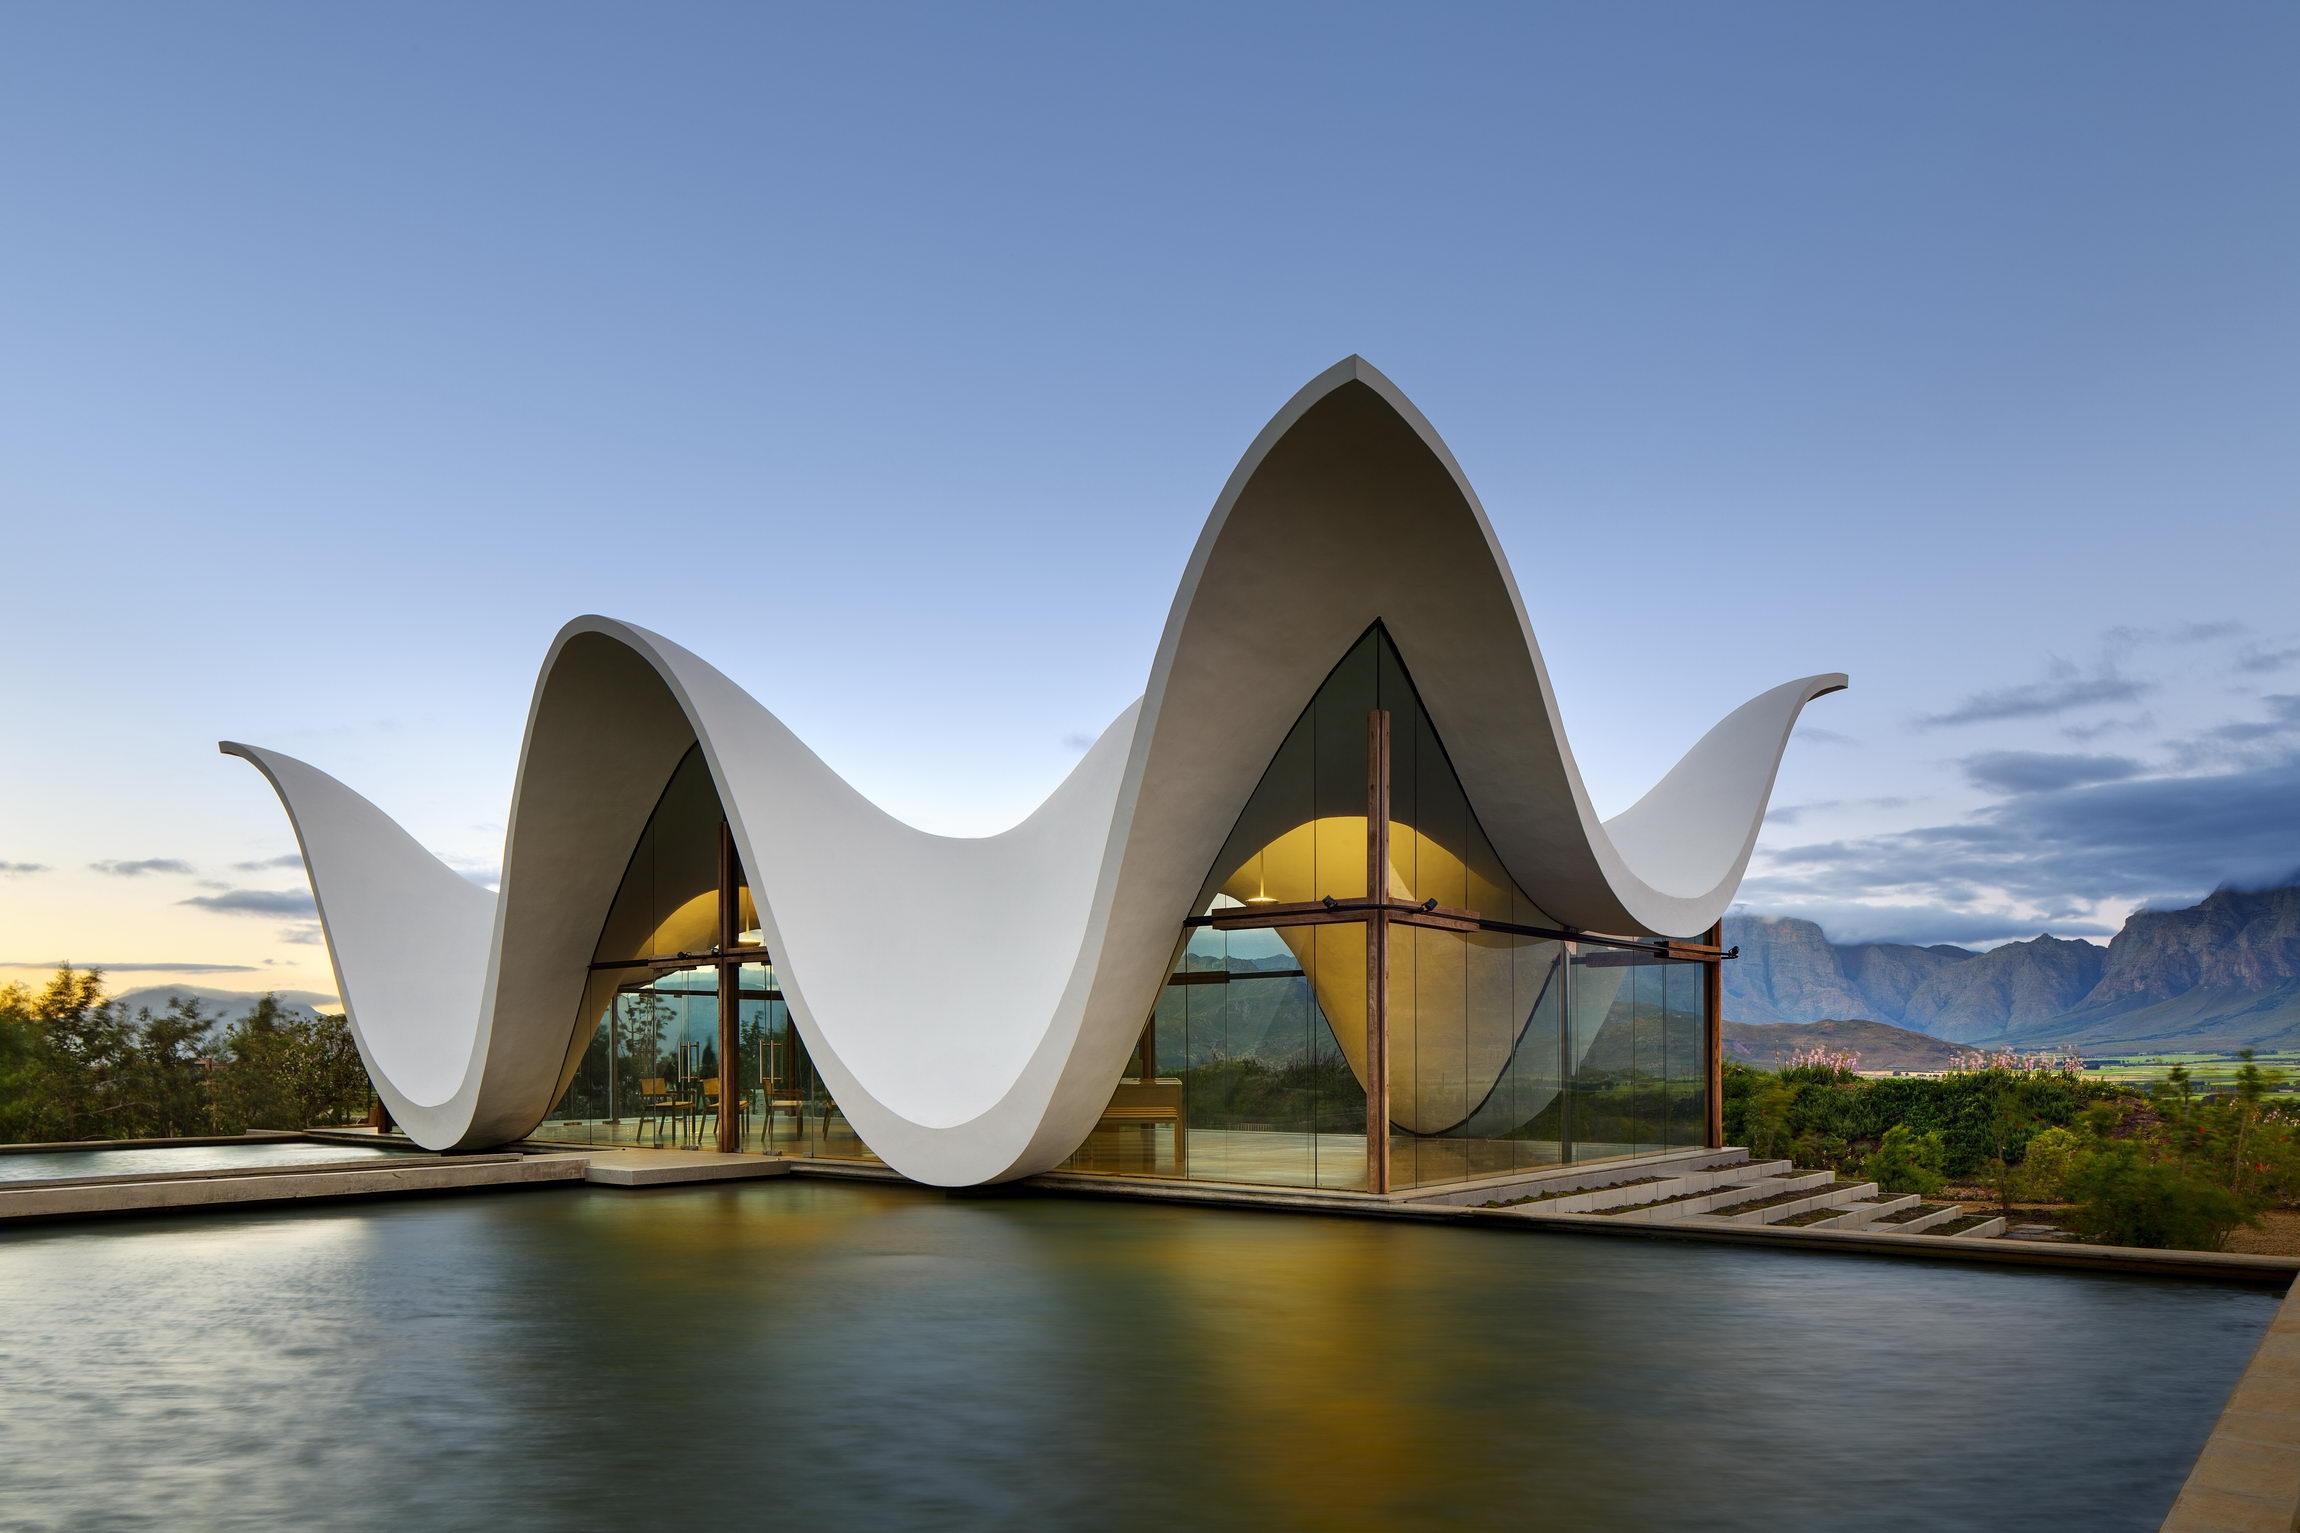 красивый фотография интересного здания или архитектуры есть такая форма